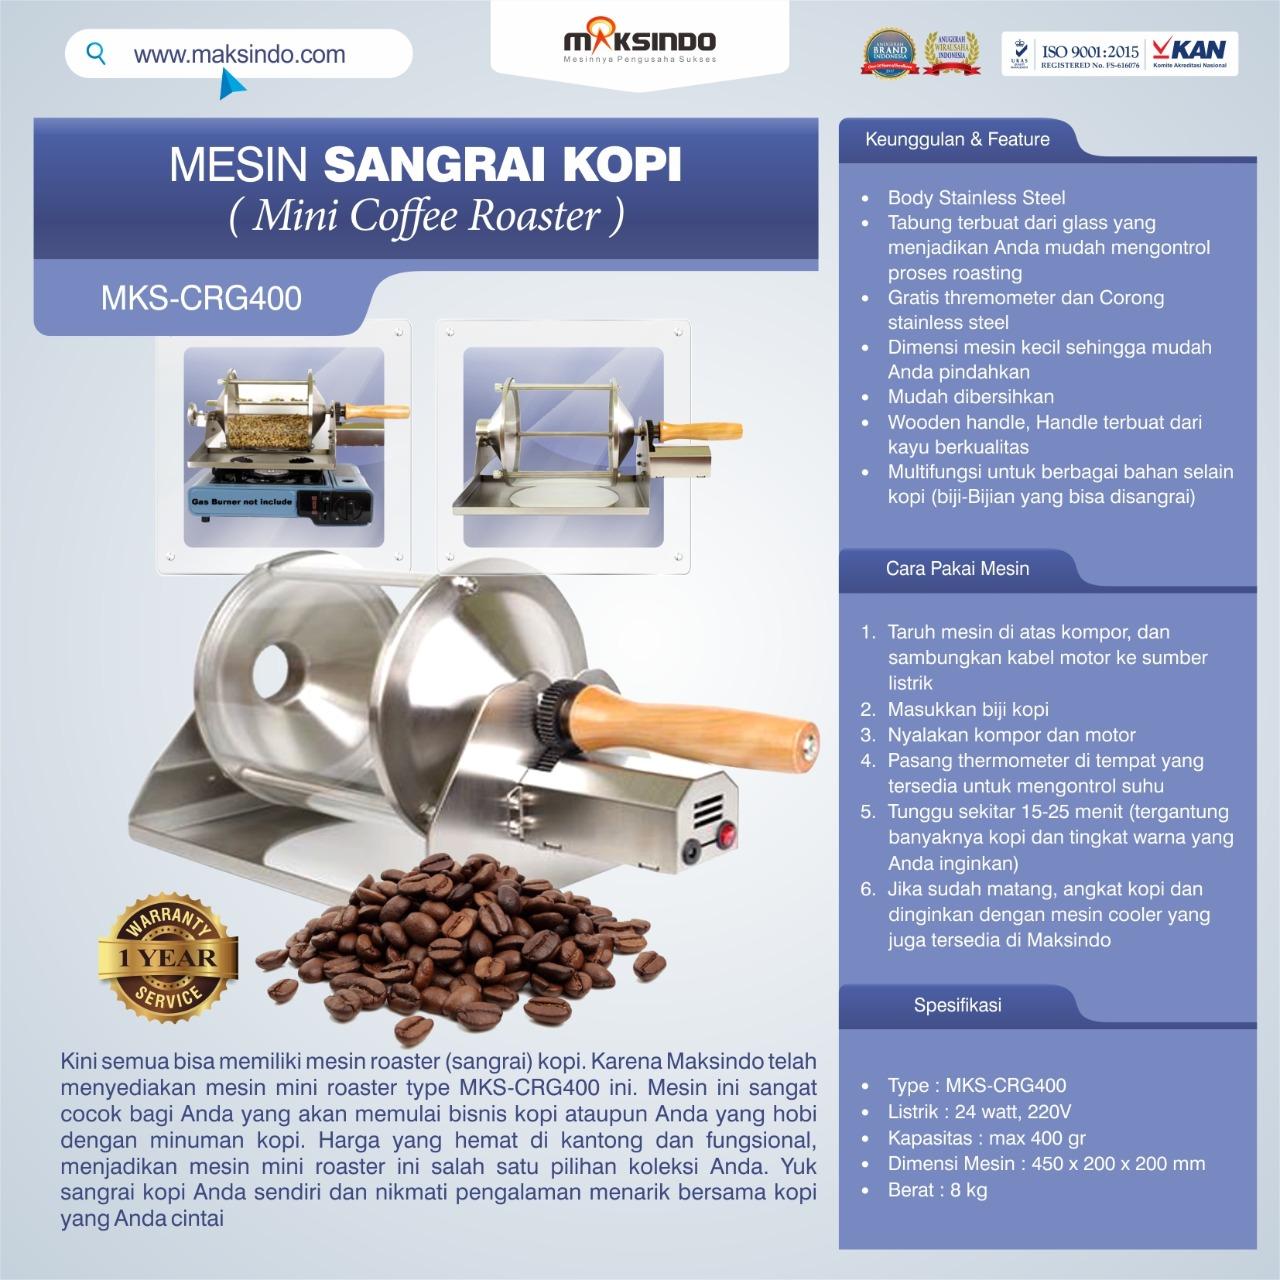 Jual Mesin Sangrai Kopi (Coffee Roaster) MKS-CRG400 di Makassar